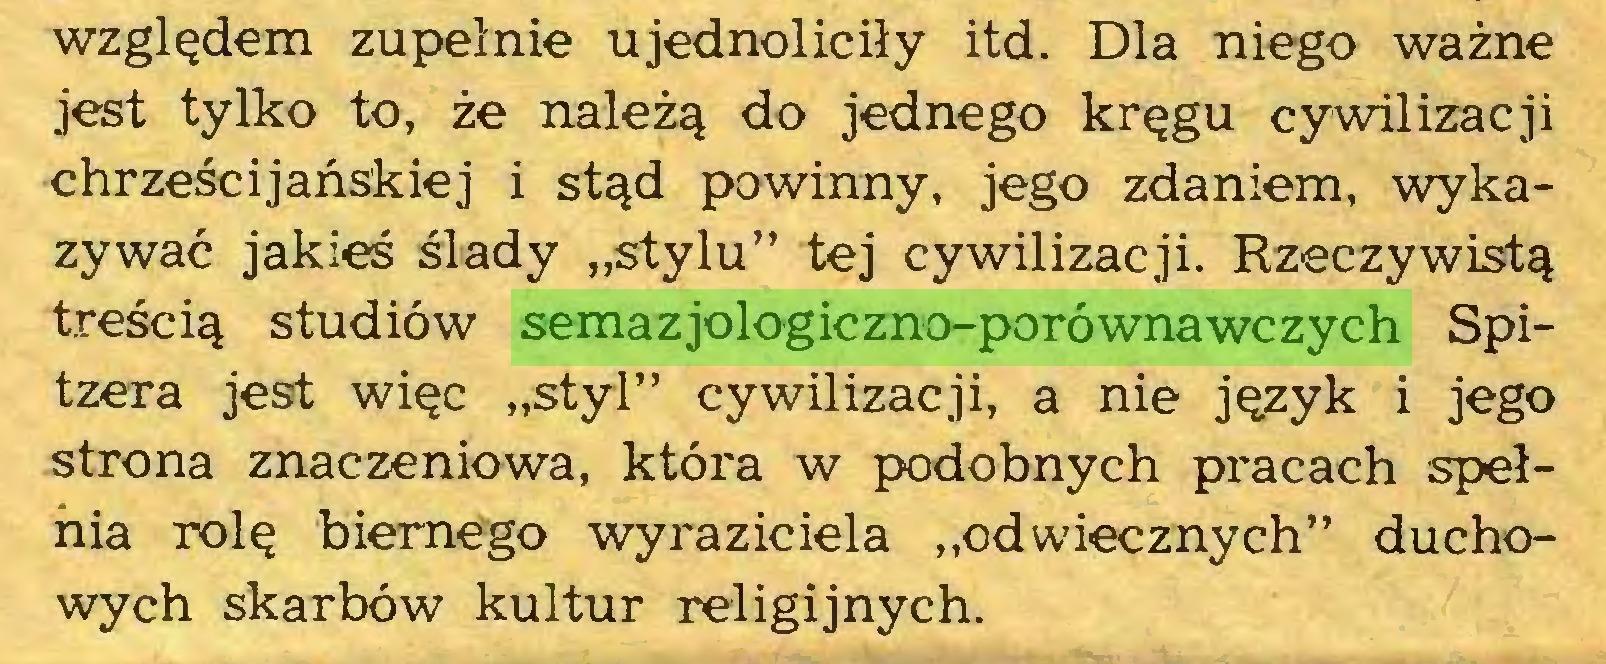 """(...) względem zupełnie ujednoliciły itd. Dla niego ważne jest tylko to, że należą do jednego kręgu cywilizacji chrześcijańskiej i stąd powinny, jego zdaniem, wykazywać jakieś ślady """"stylu"""" tej cywilizacji. Rzeczywistą treścią studiów semazjologiczno-porównawczych Spitzera jest więc """"styl"""" cywilizacji, a nie język i jego strona znaczeniowa, która w podobnych pracach spełnia rolę biernego wyraziciela """"odwiecznych"""" duchowych skarbów kultur religijnych..."""